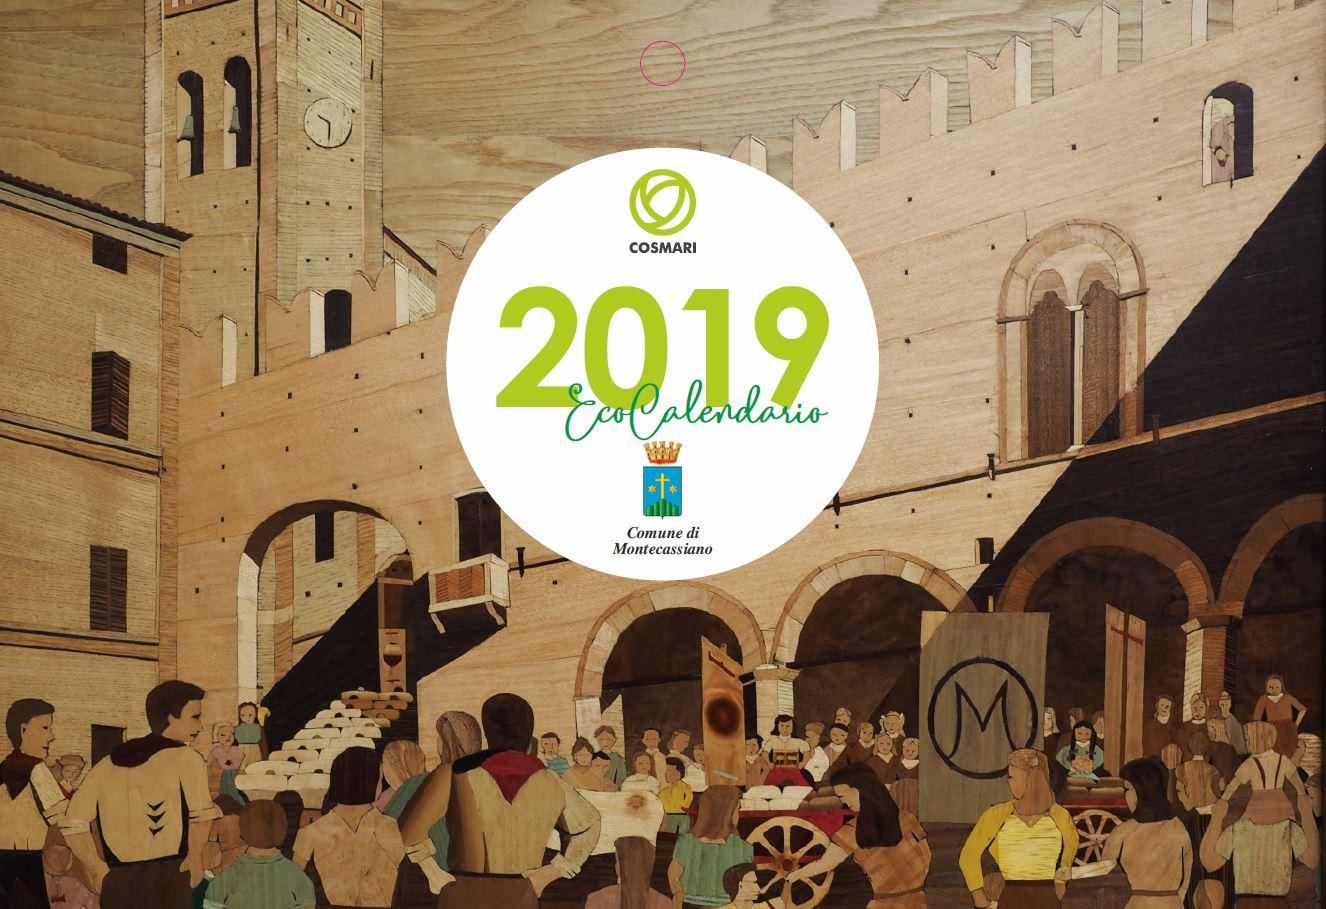 Ecocalendario_2019